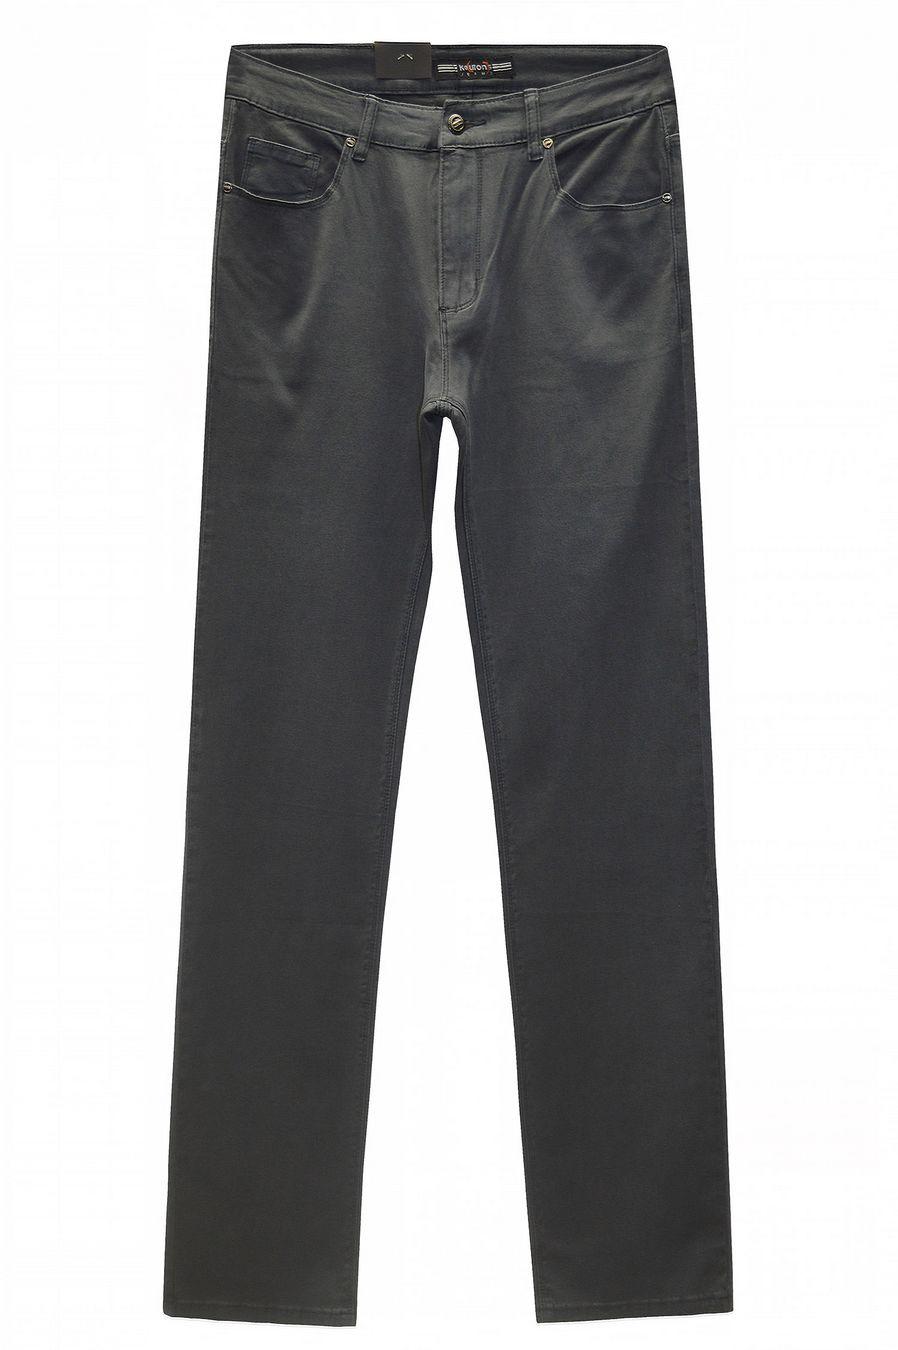 Джинсы мужские Koutons KL-1692 Stretch Grey-Green - фото 2